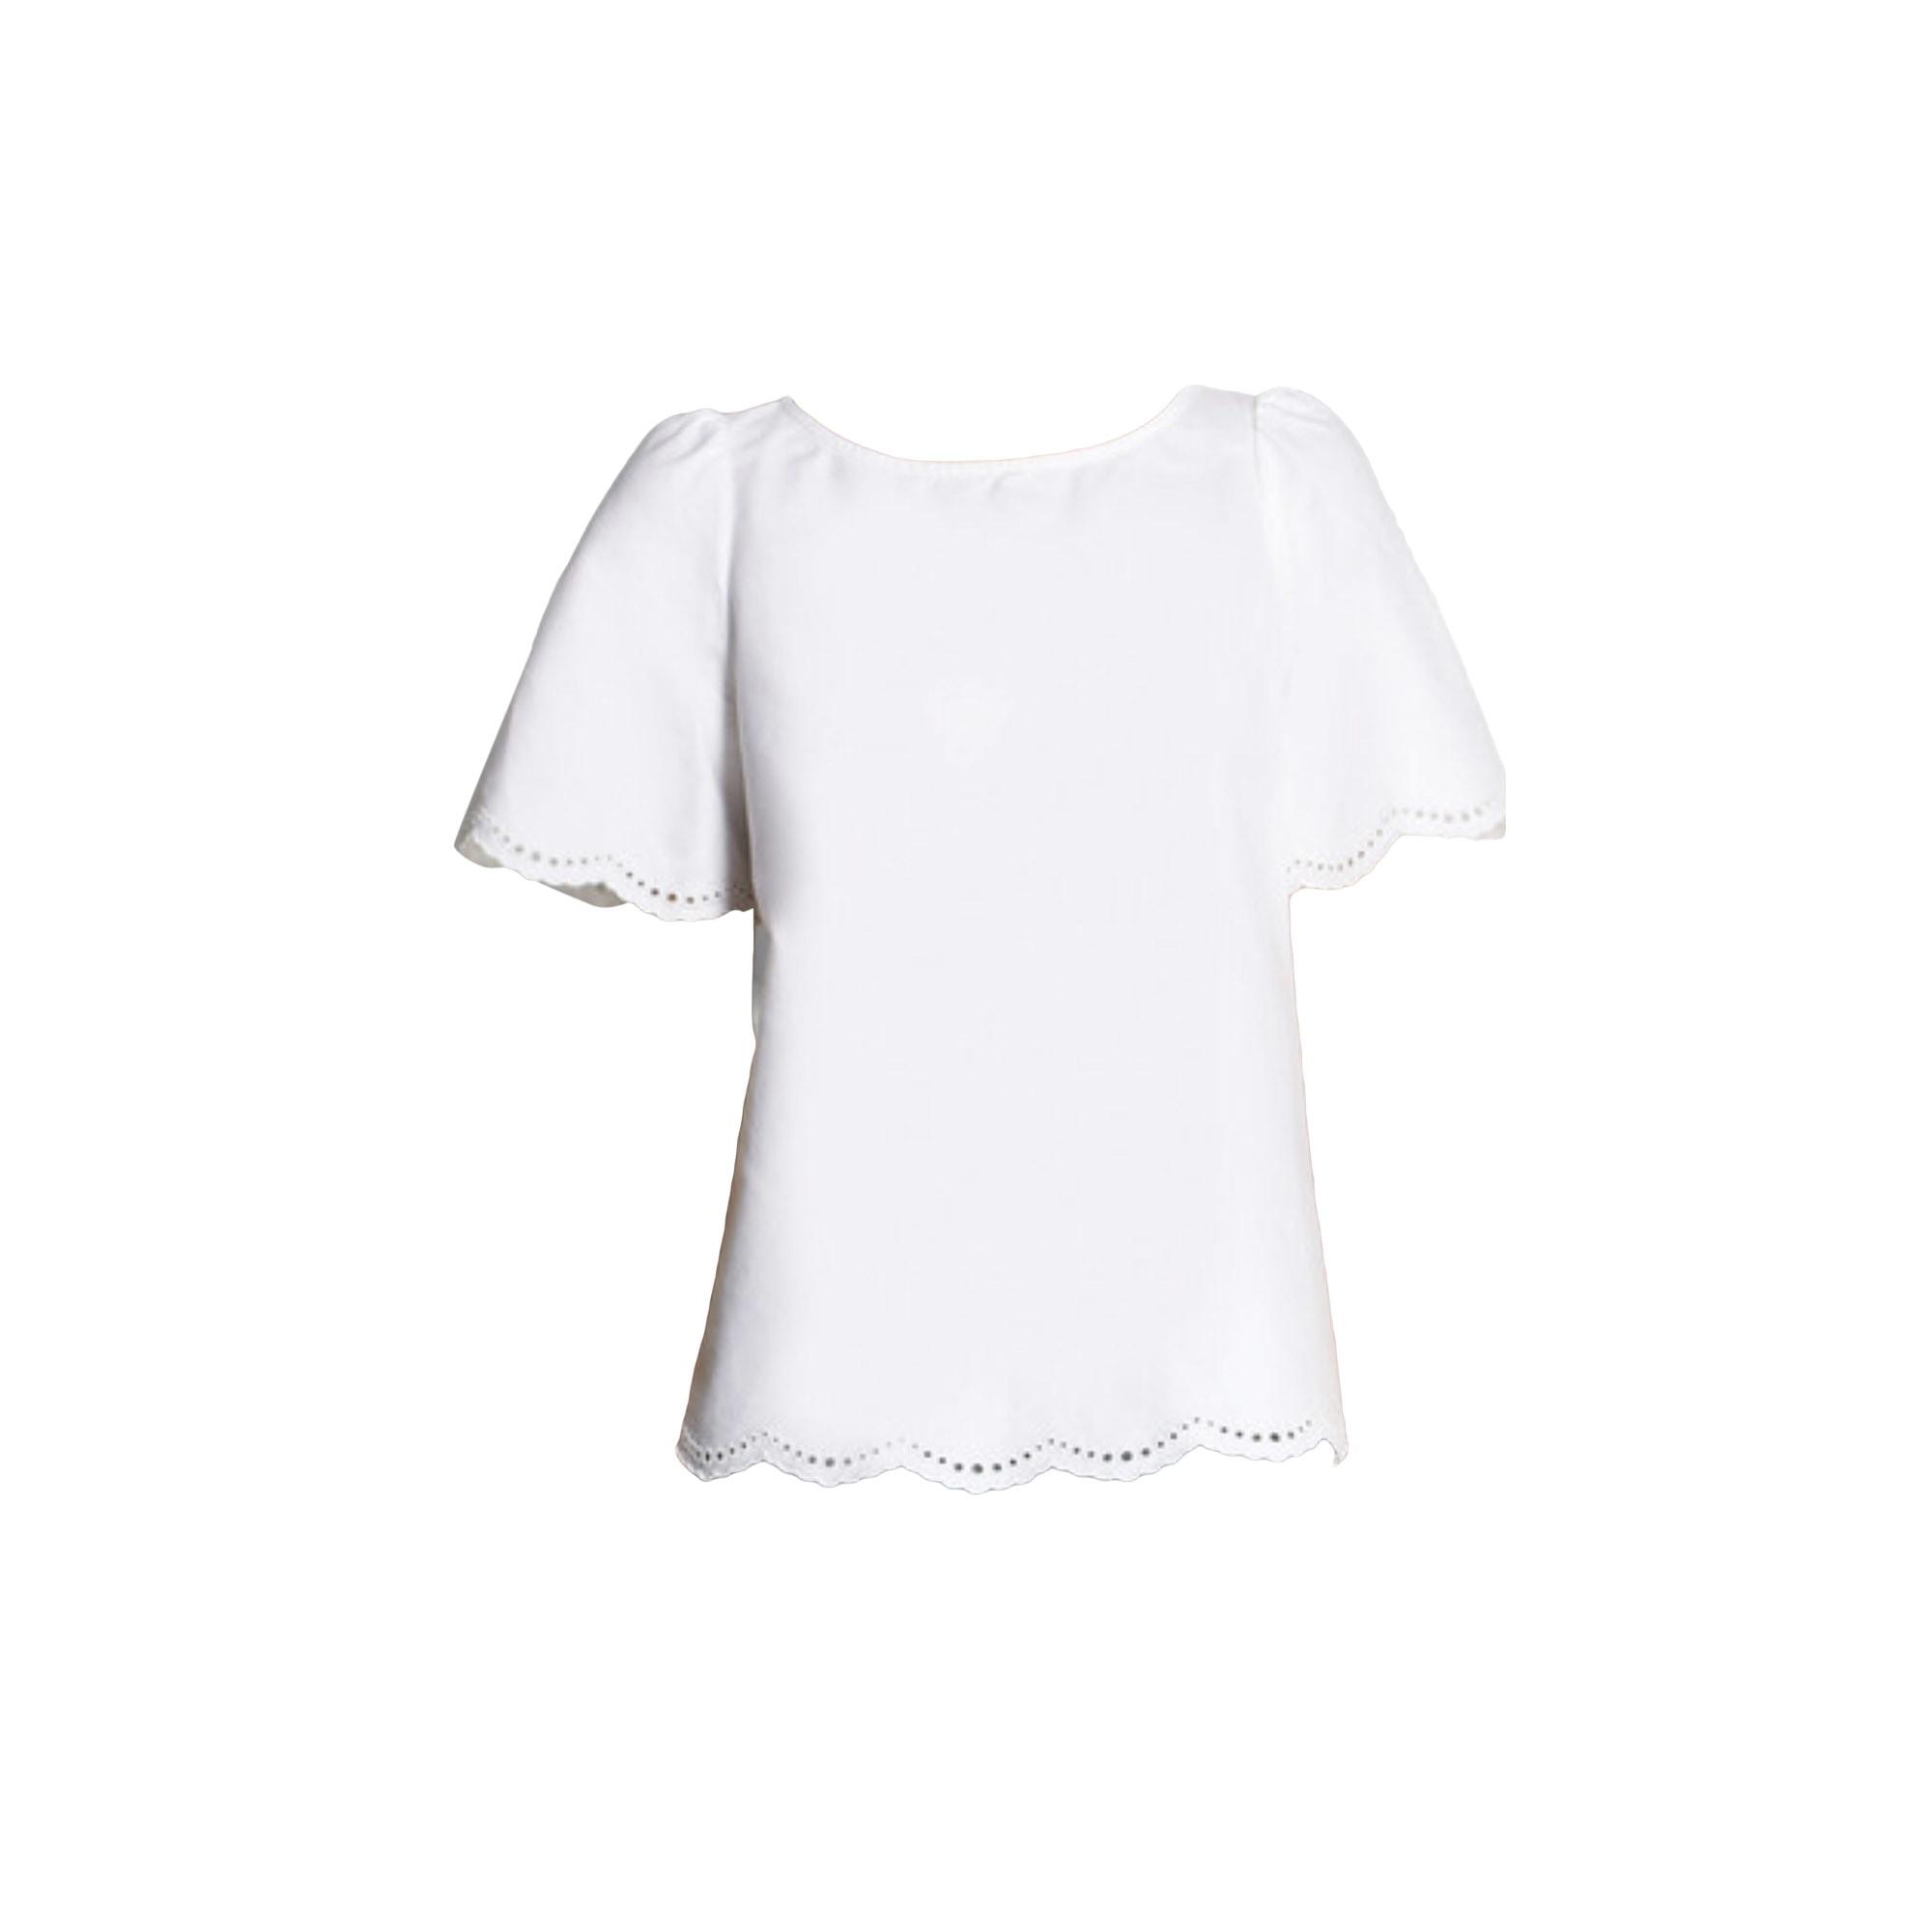 Top, tee-shirt APC Blanc, blanc cassé, écru